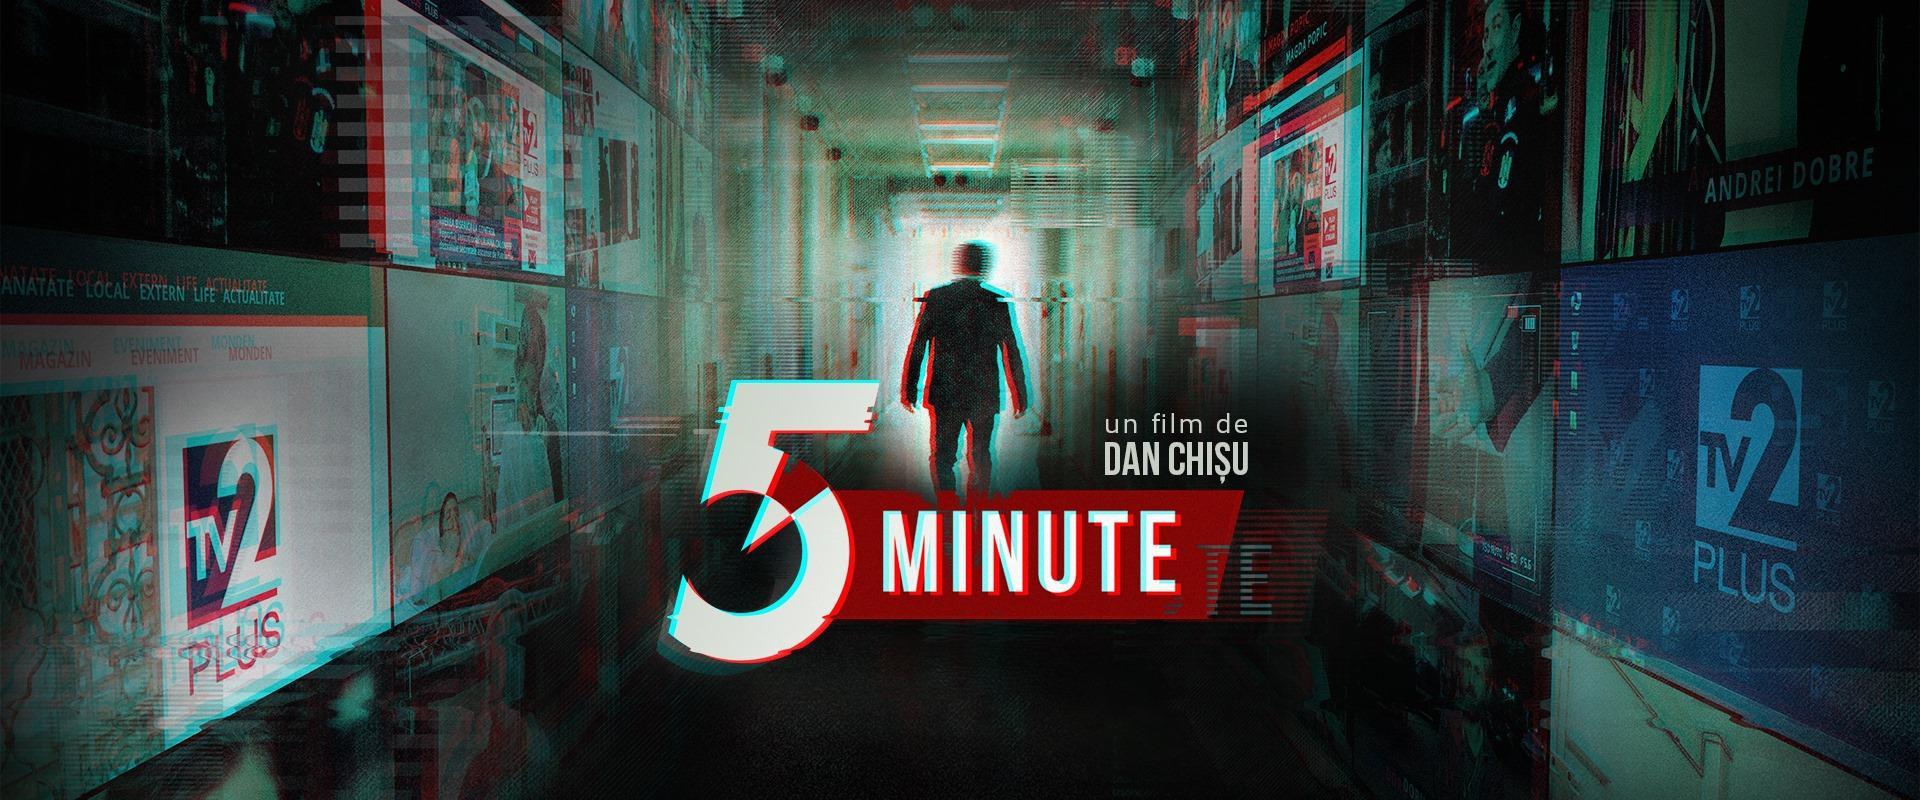 """Filmul """"5 Minute"""", de Dan Chișu, începând cu 27 martie în cinematografele din România"""